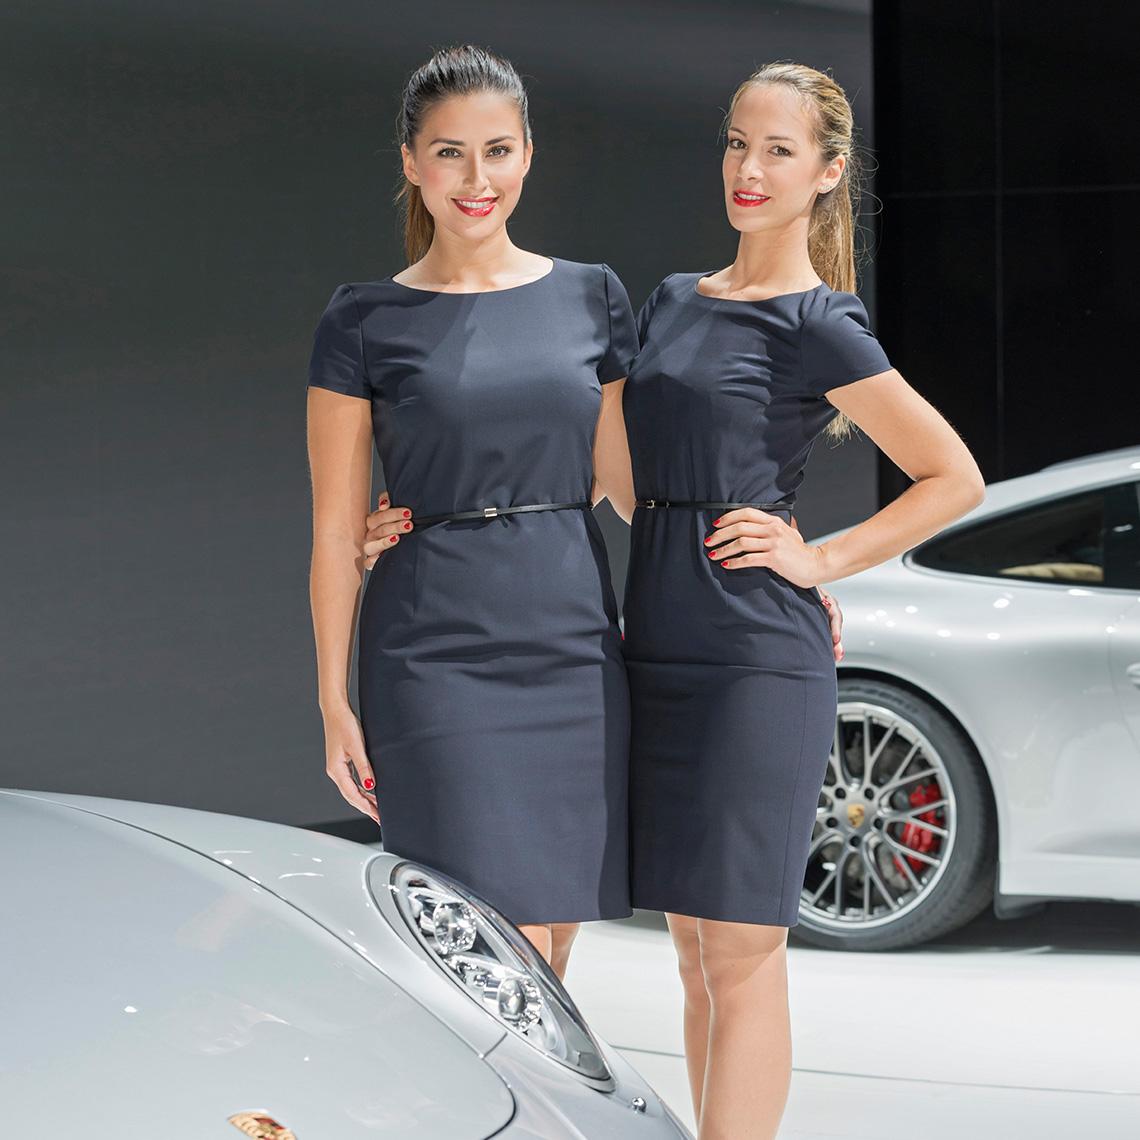 ENVY Project - envy my people für Porsche - IAA 2015 - Image 4